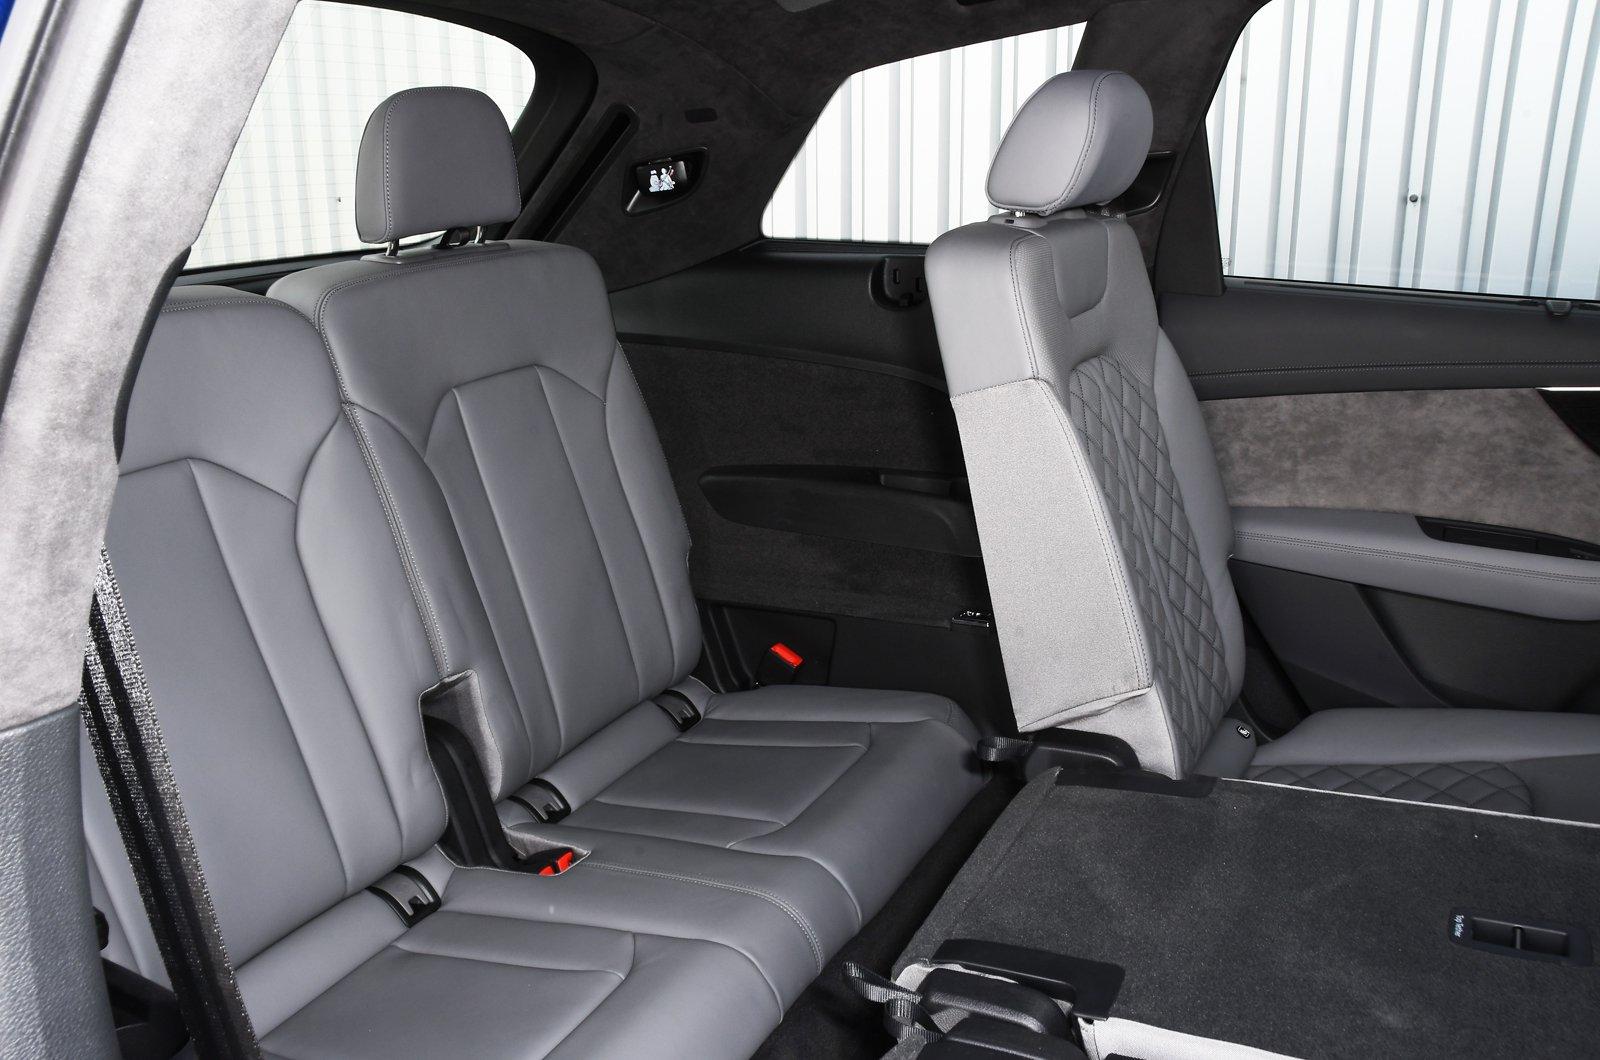 Audi Q7 2021 rear seats